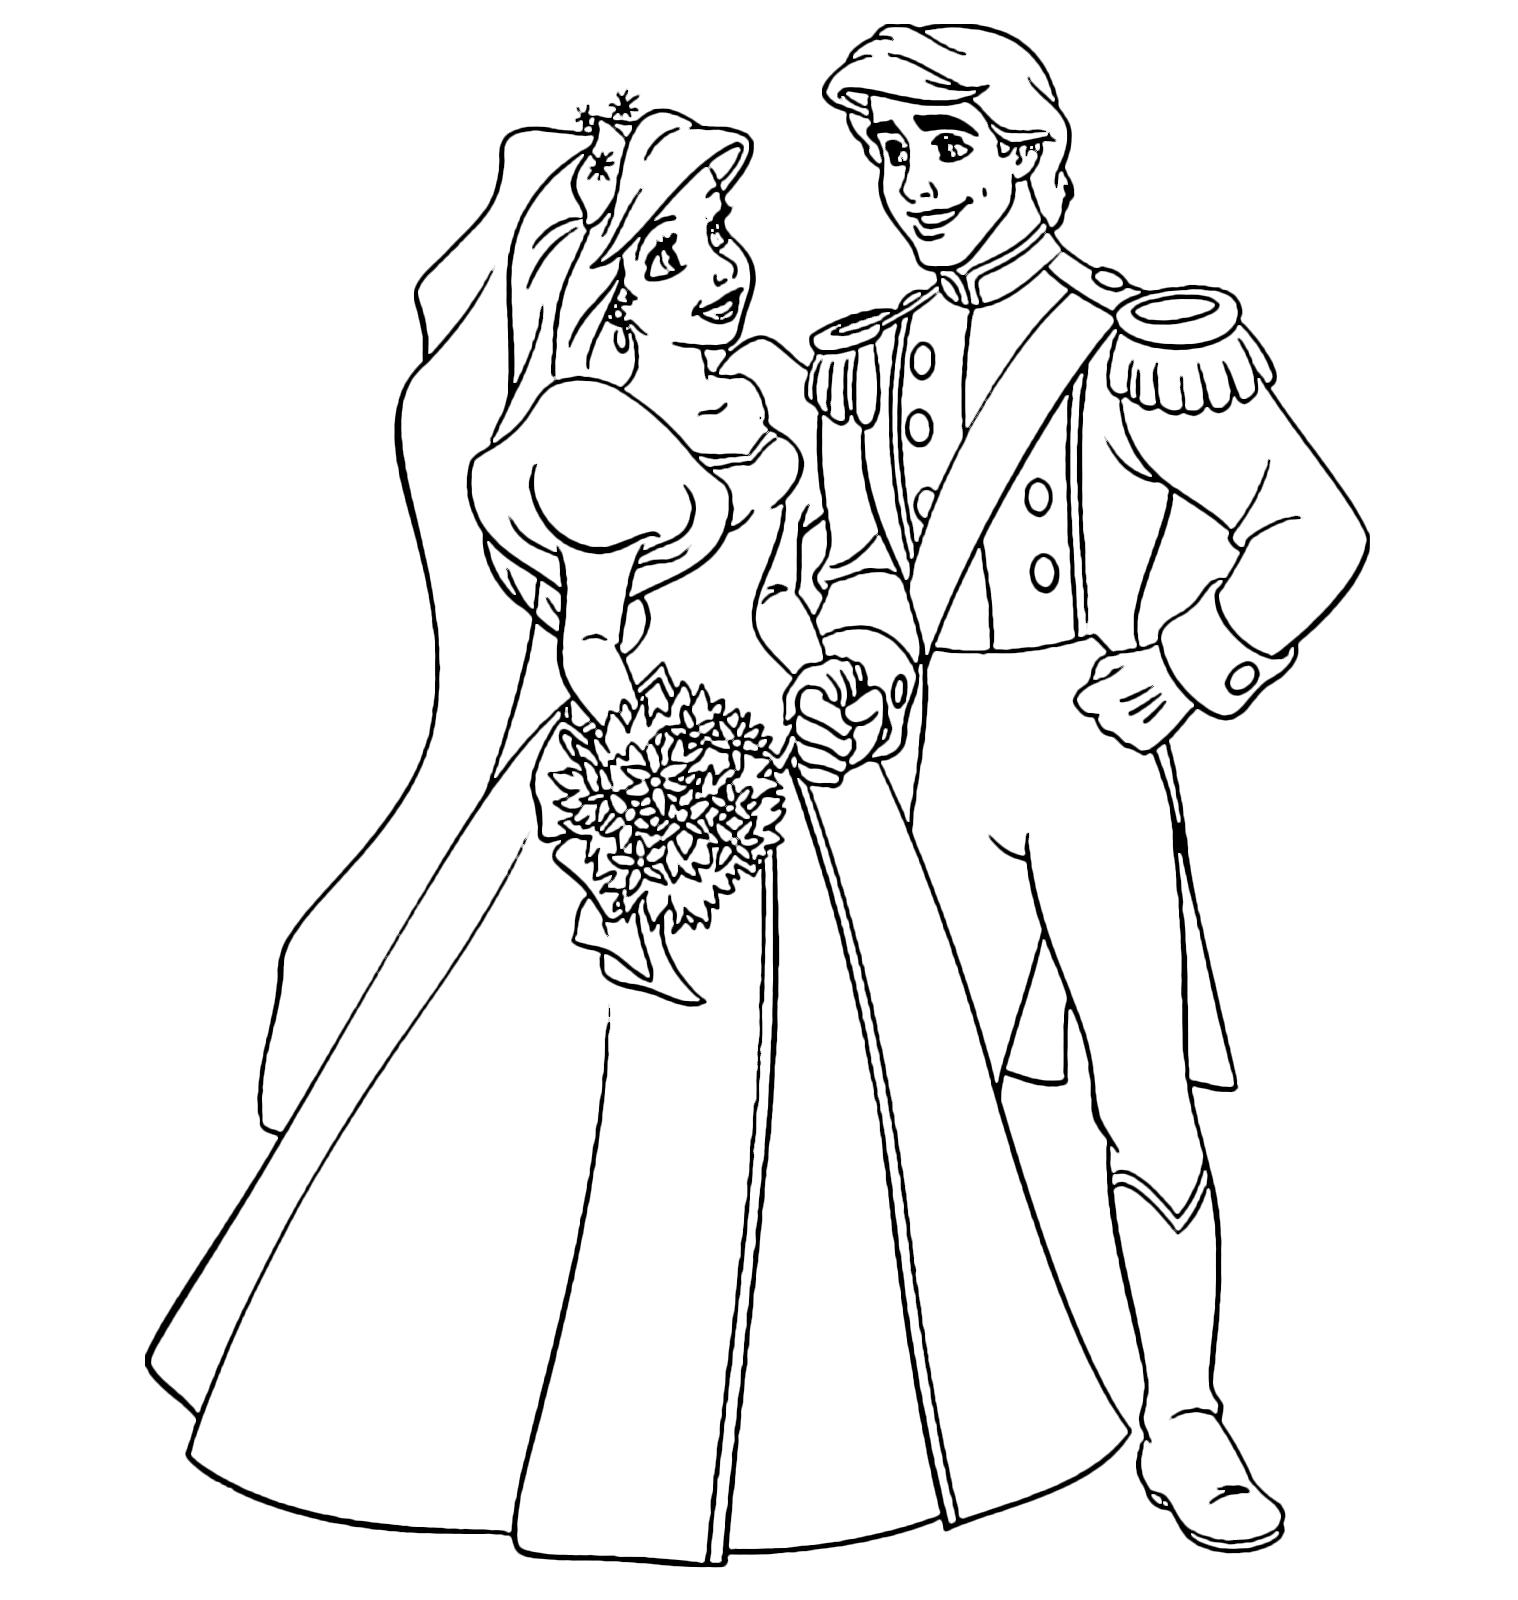 La sirenetta ariel ed il principe eric finalmente sposi for Immagini matrimonio da stampare